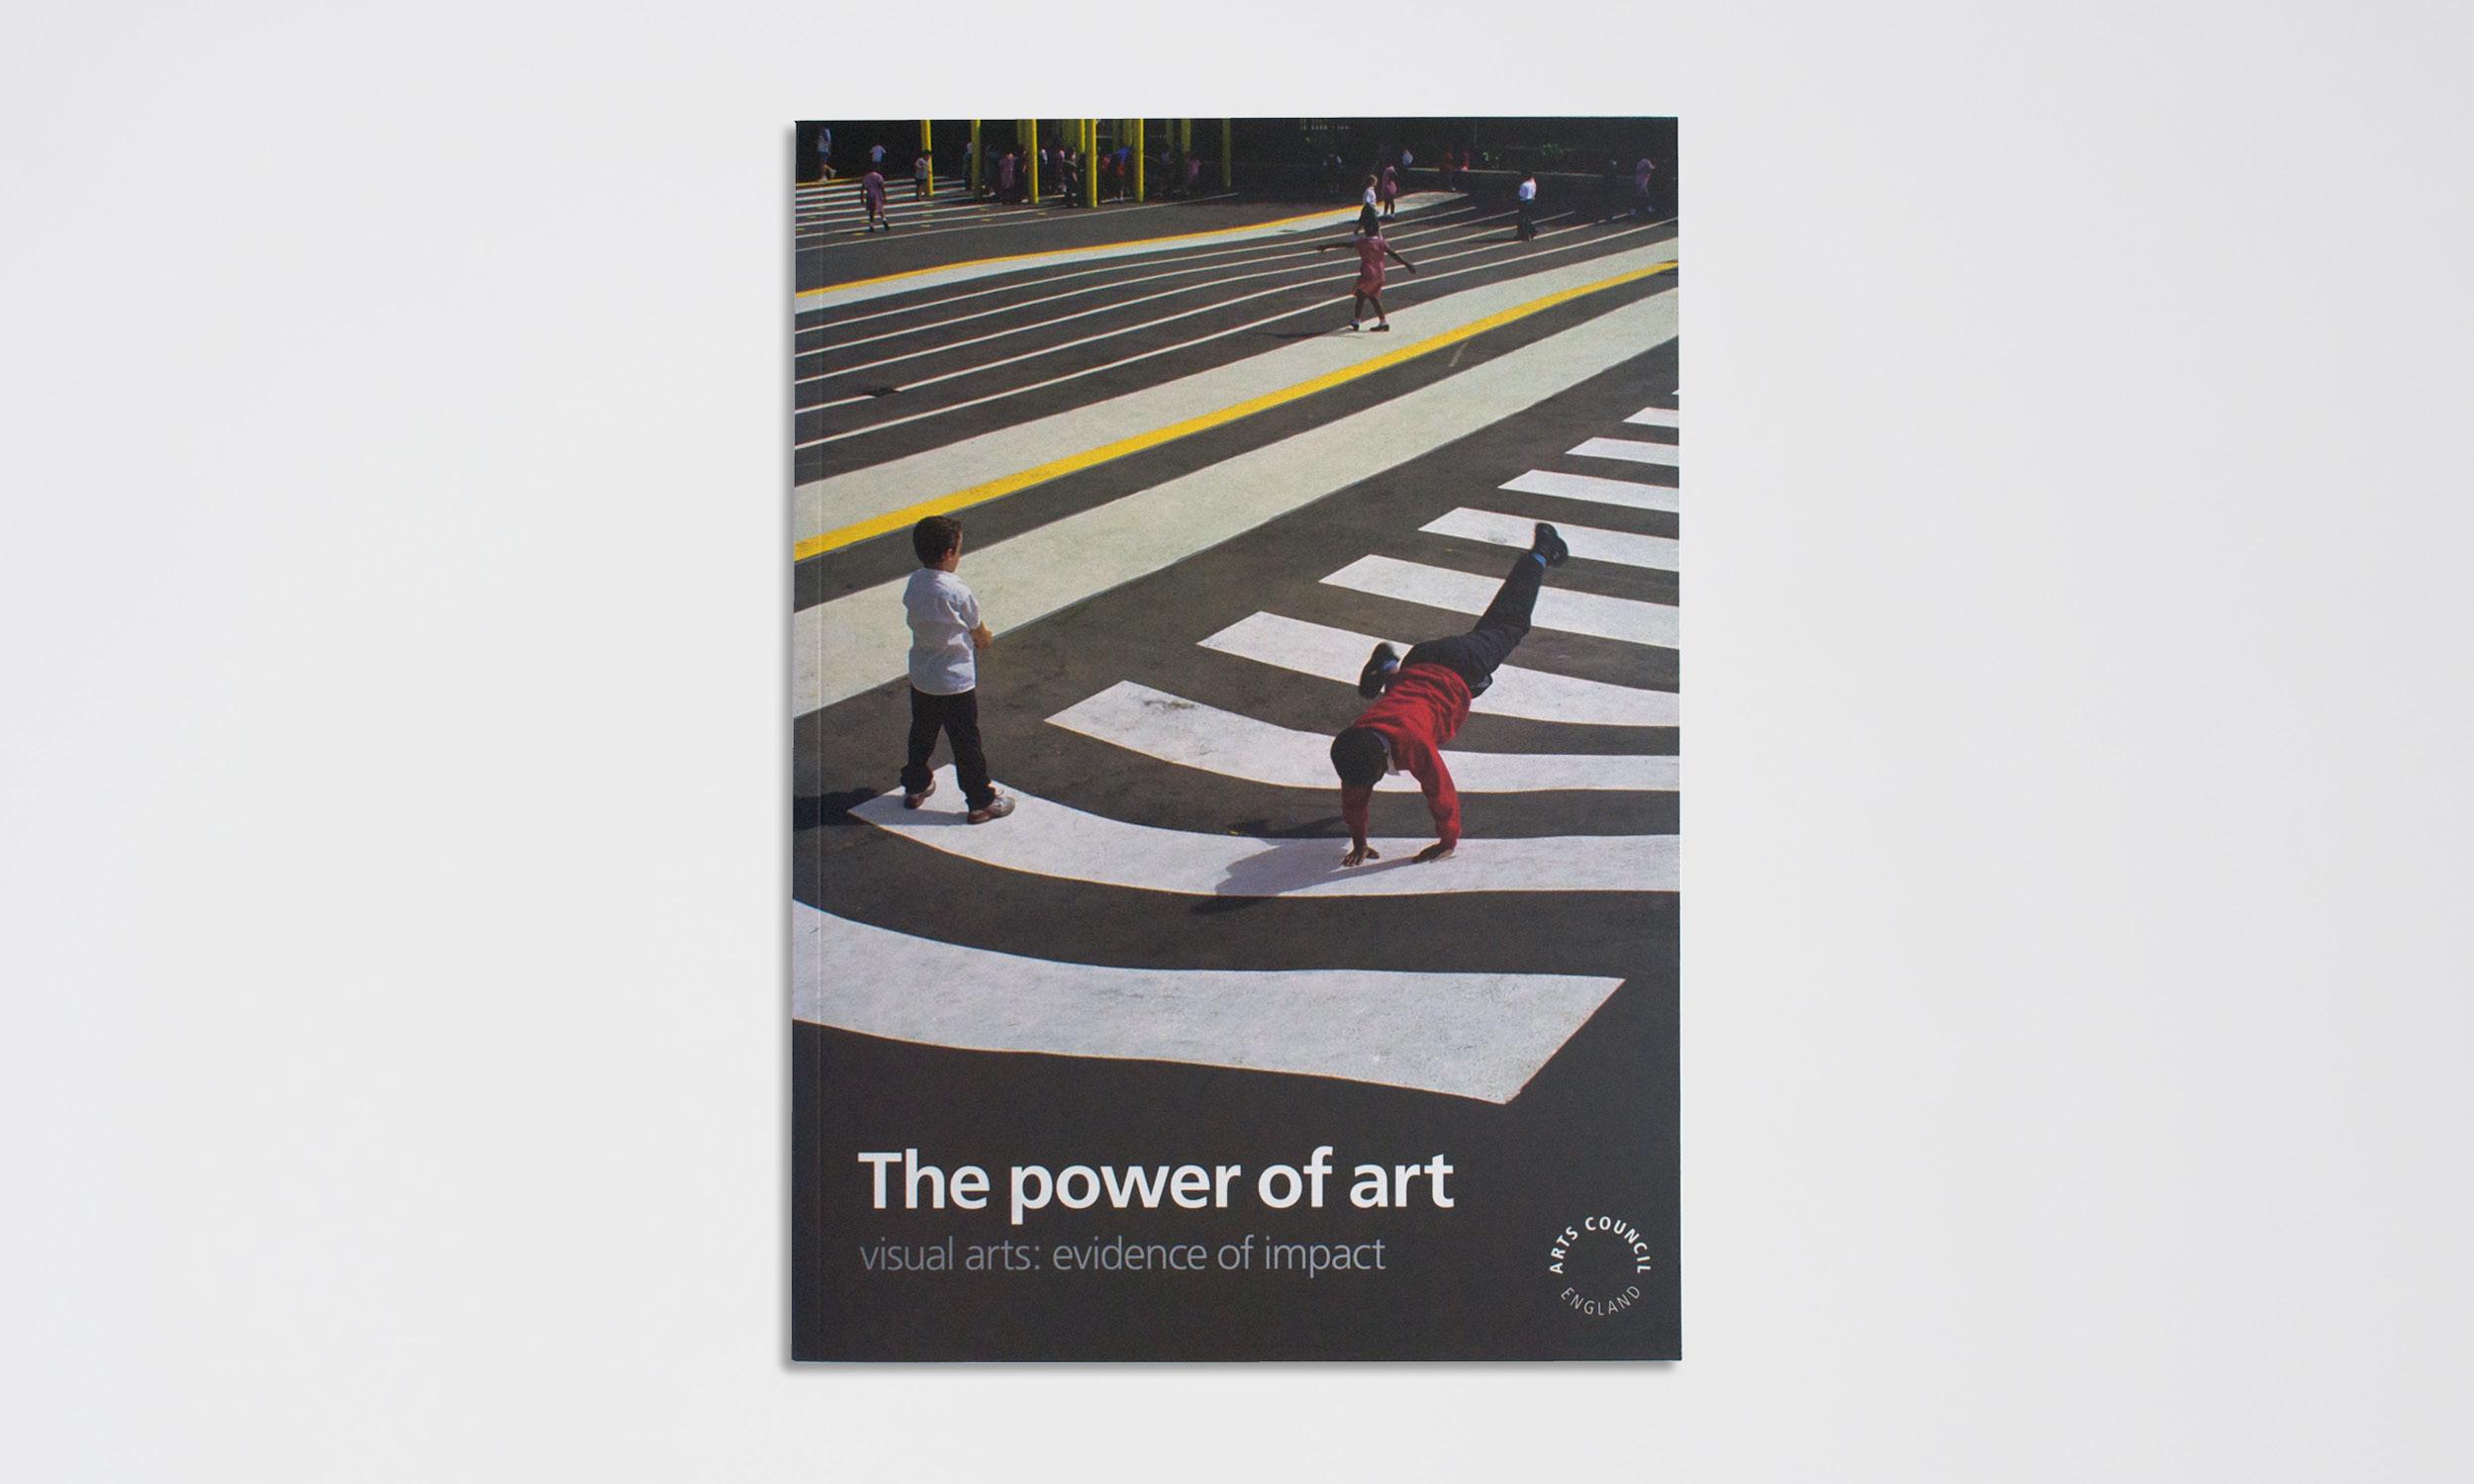 Power-of-art-LR.jpg